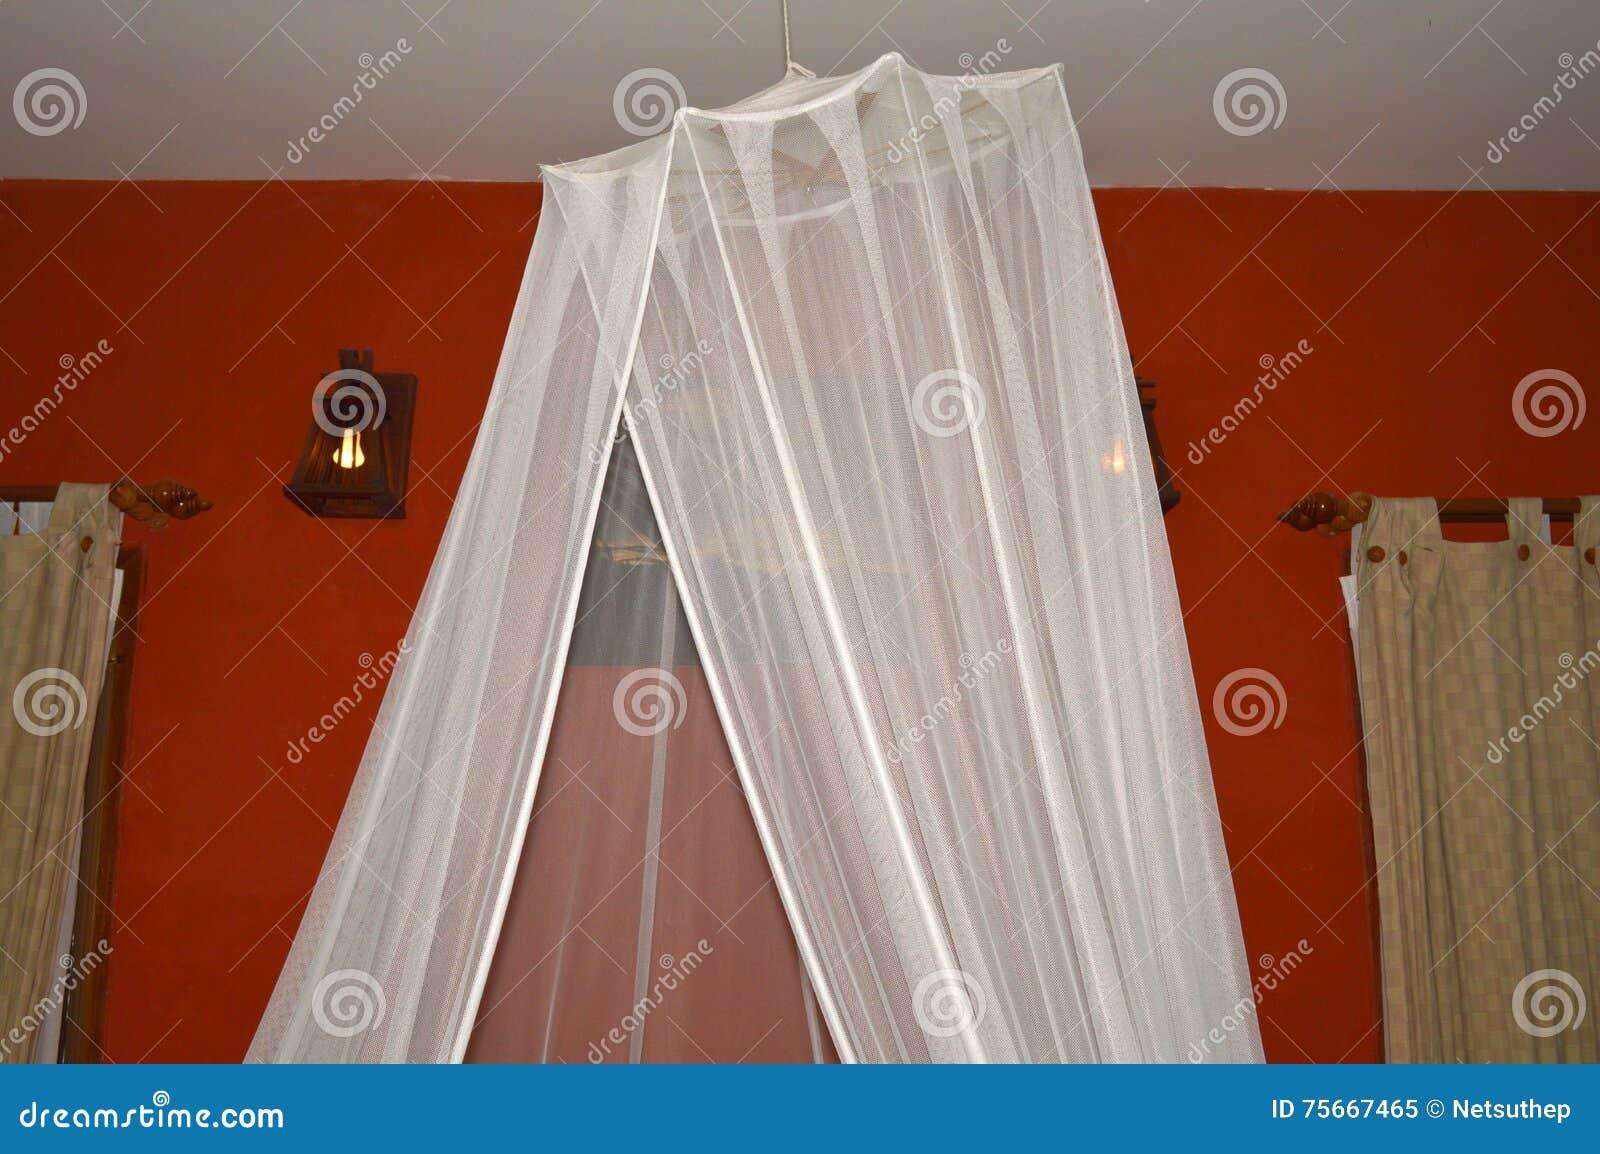 Zanzariera Da Letto : Zanzariera appesa su in camera da letto immagine stock immagine